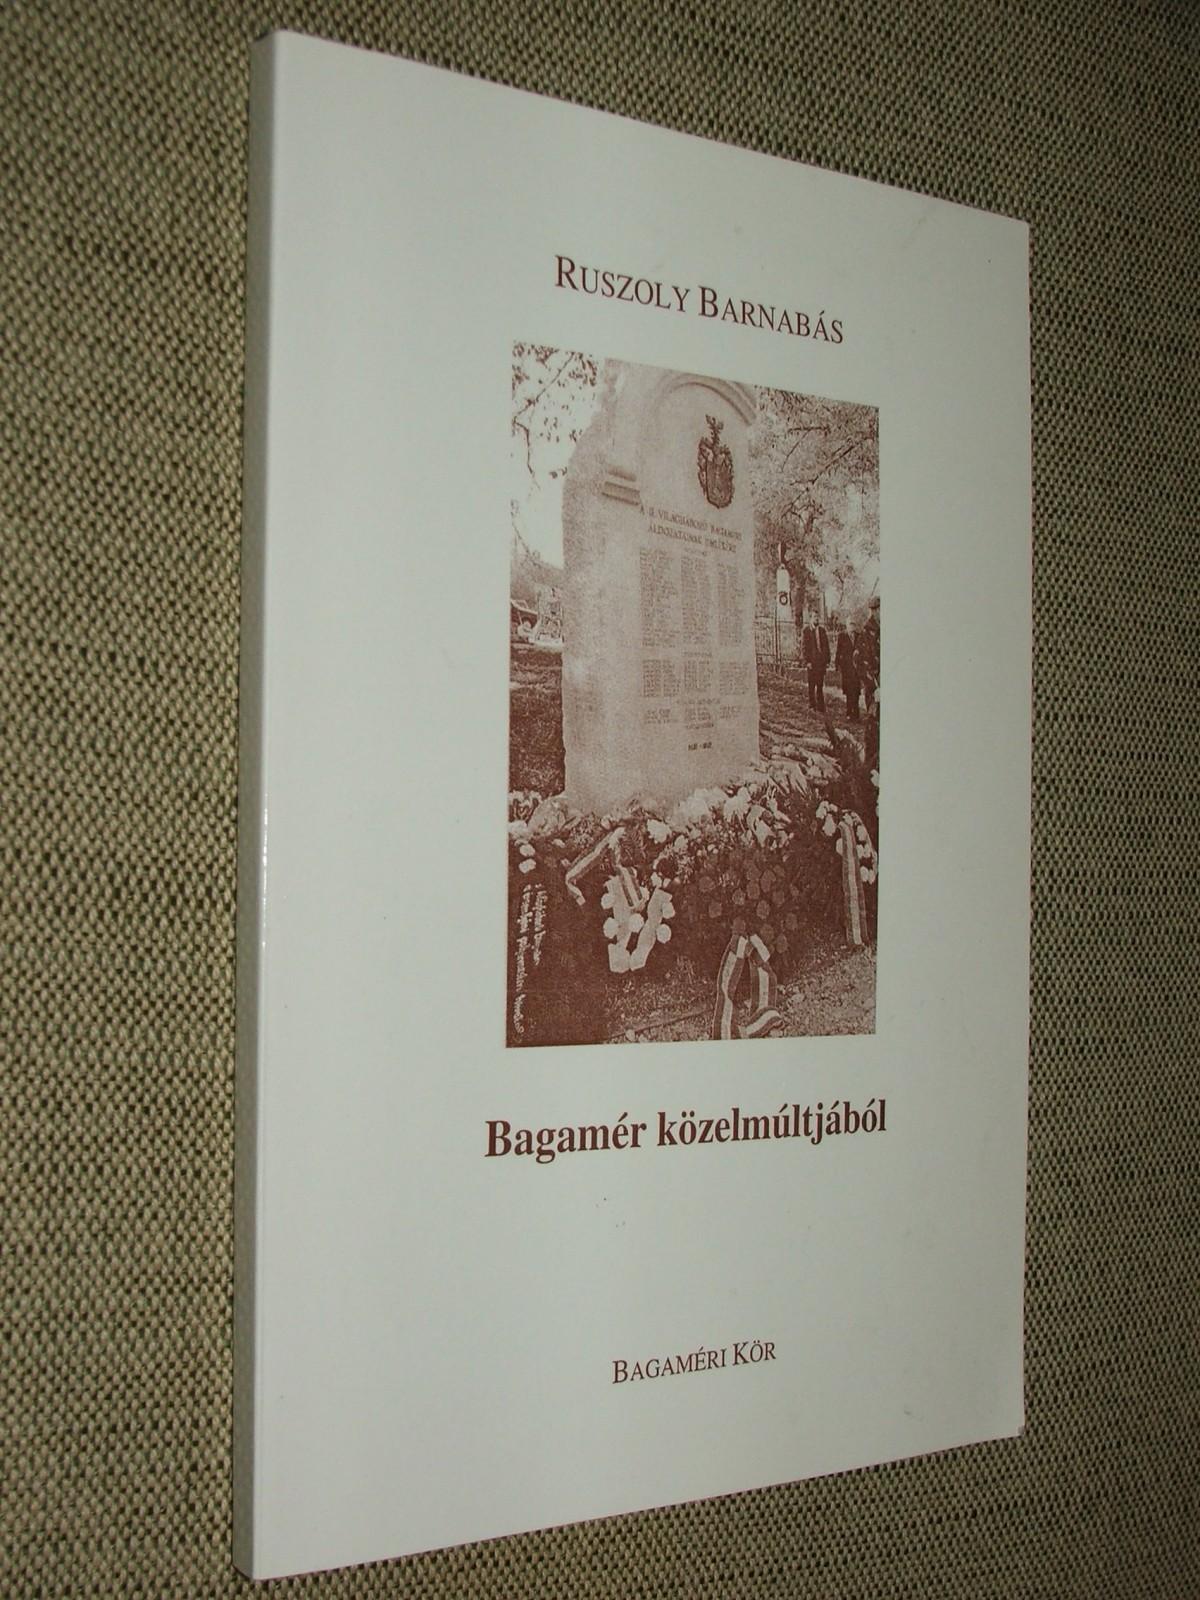 RUSZOLY Barnabás: Bagamér közelmúltjából